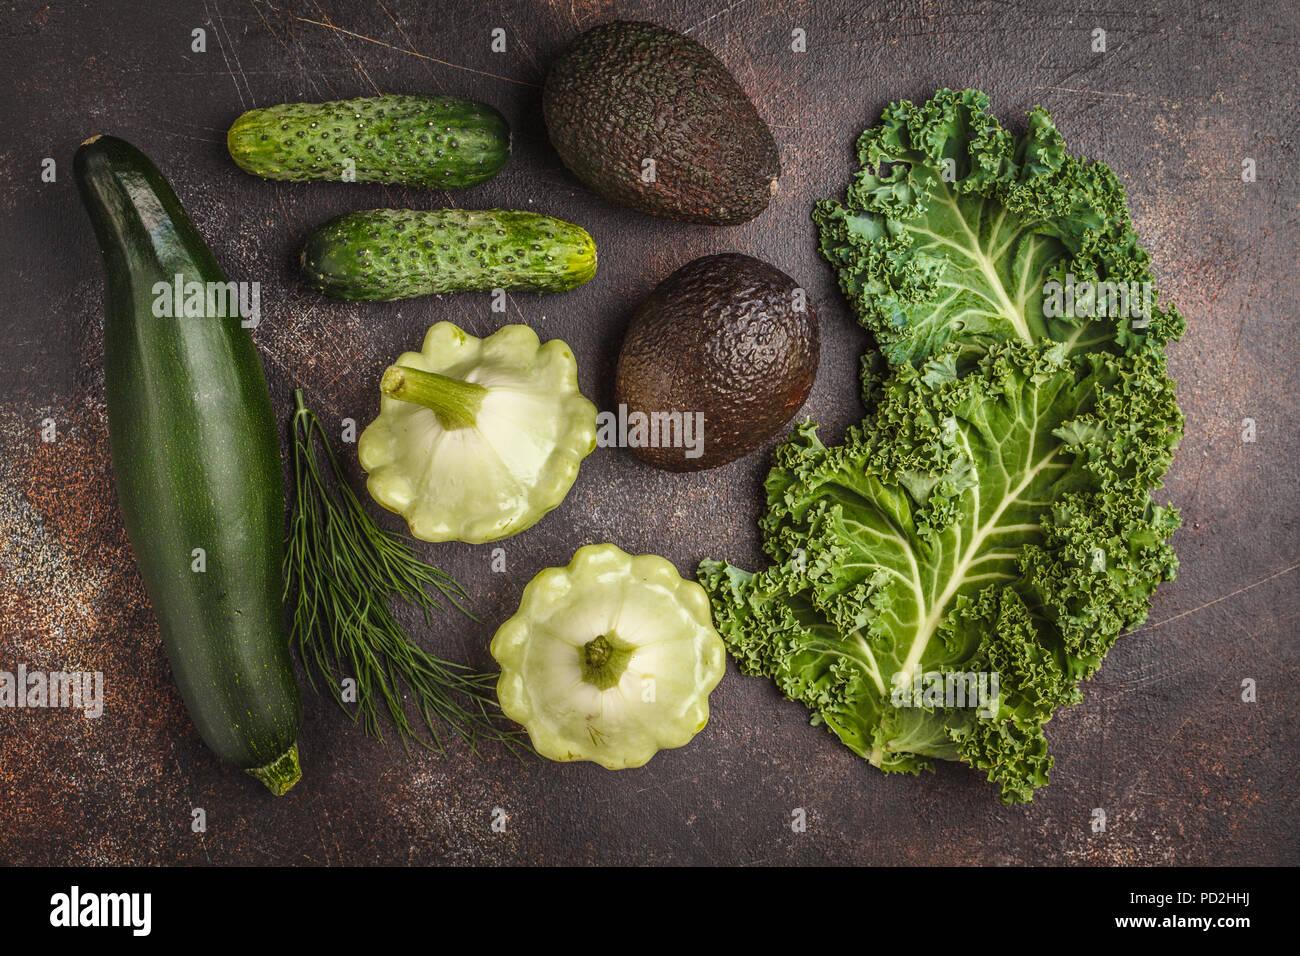 Sortiment von grünem Gemüse auf dunklem Hintergrund, Ansicht von oben. Obst und Gemüse, die Chlorophyll. Stockbild